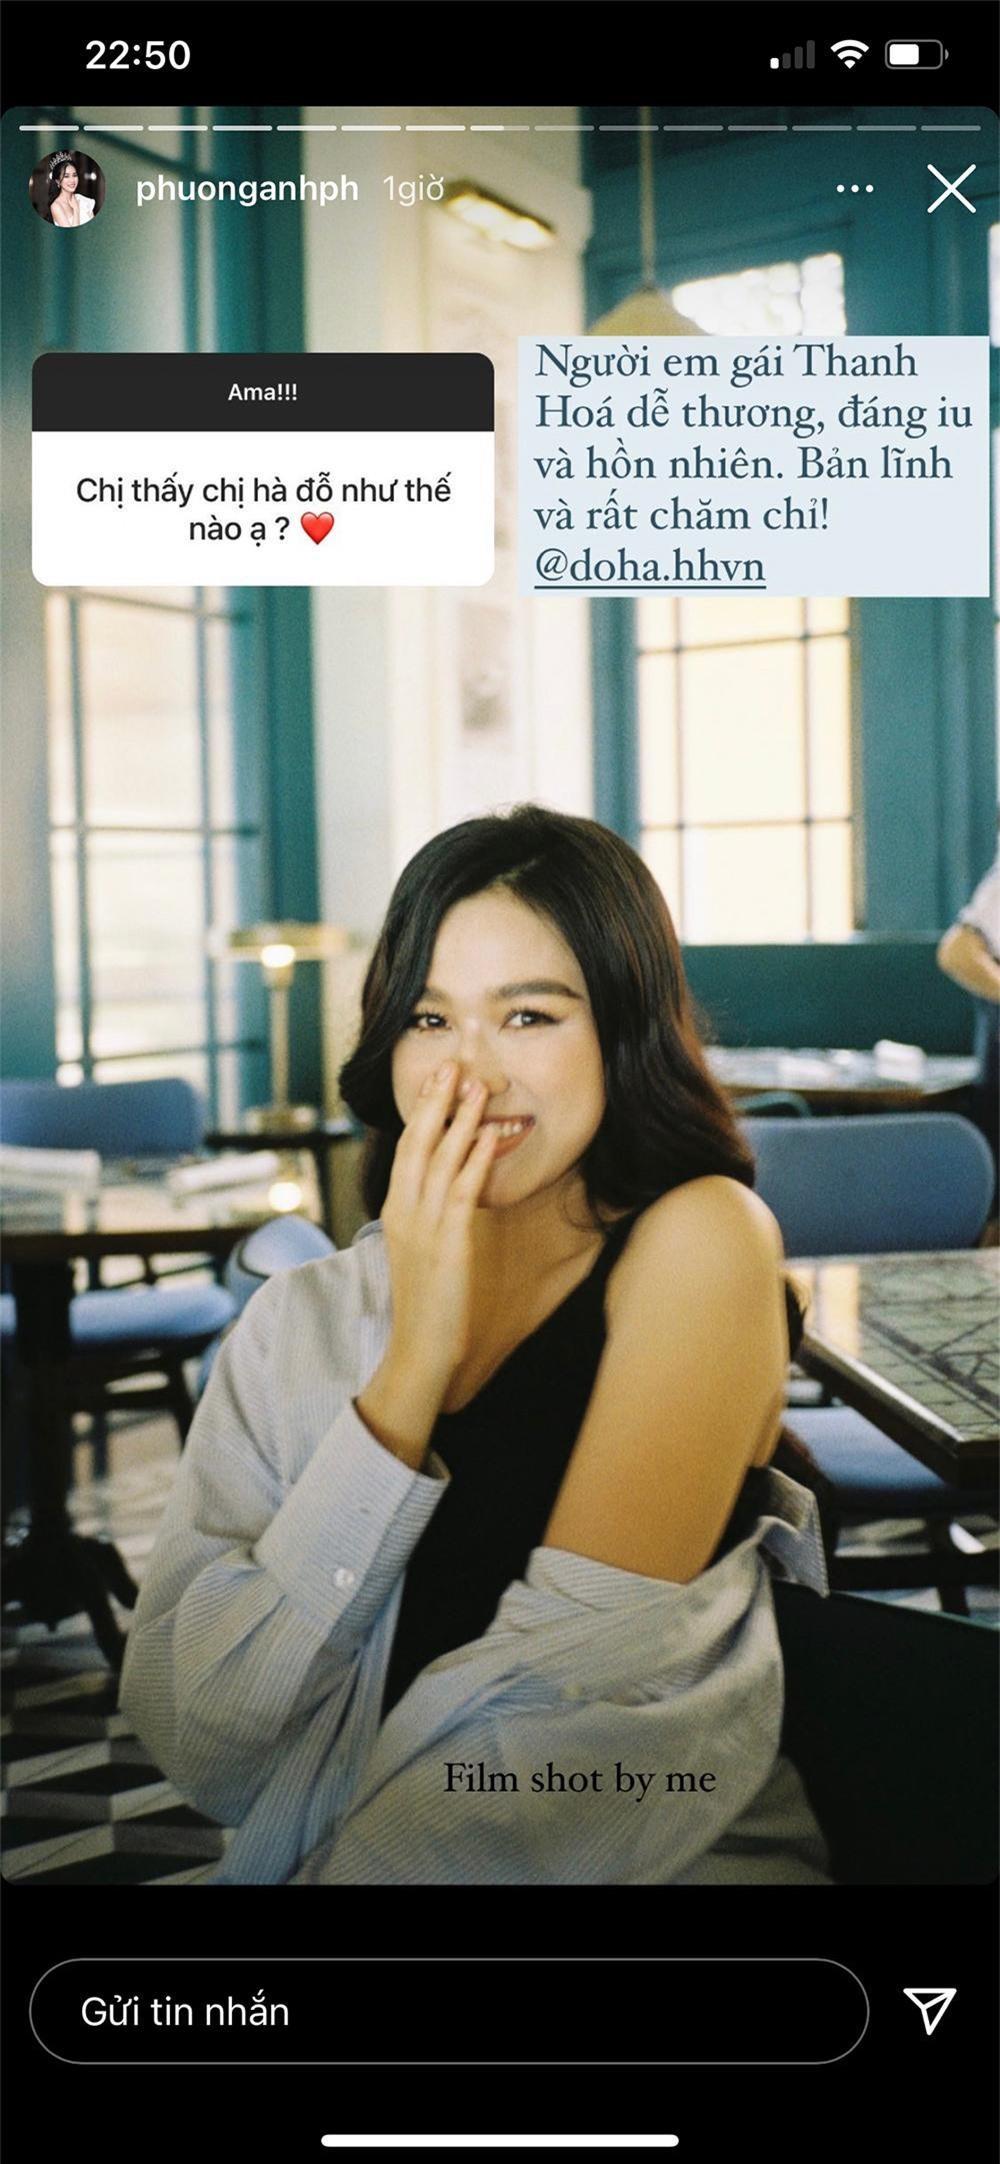 Á hậu Phương Anh chia sẻ bất ngờ khi được fan hỏi cảm nhận về Hoa hậu Đỗ Thị Hà, Ngọc Thảo Ảnh 3